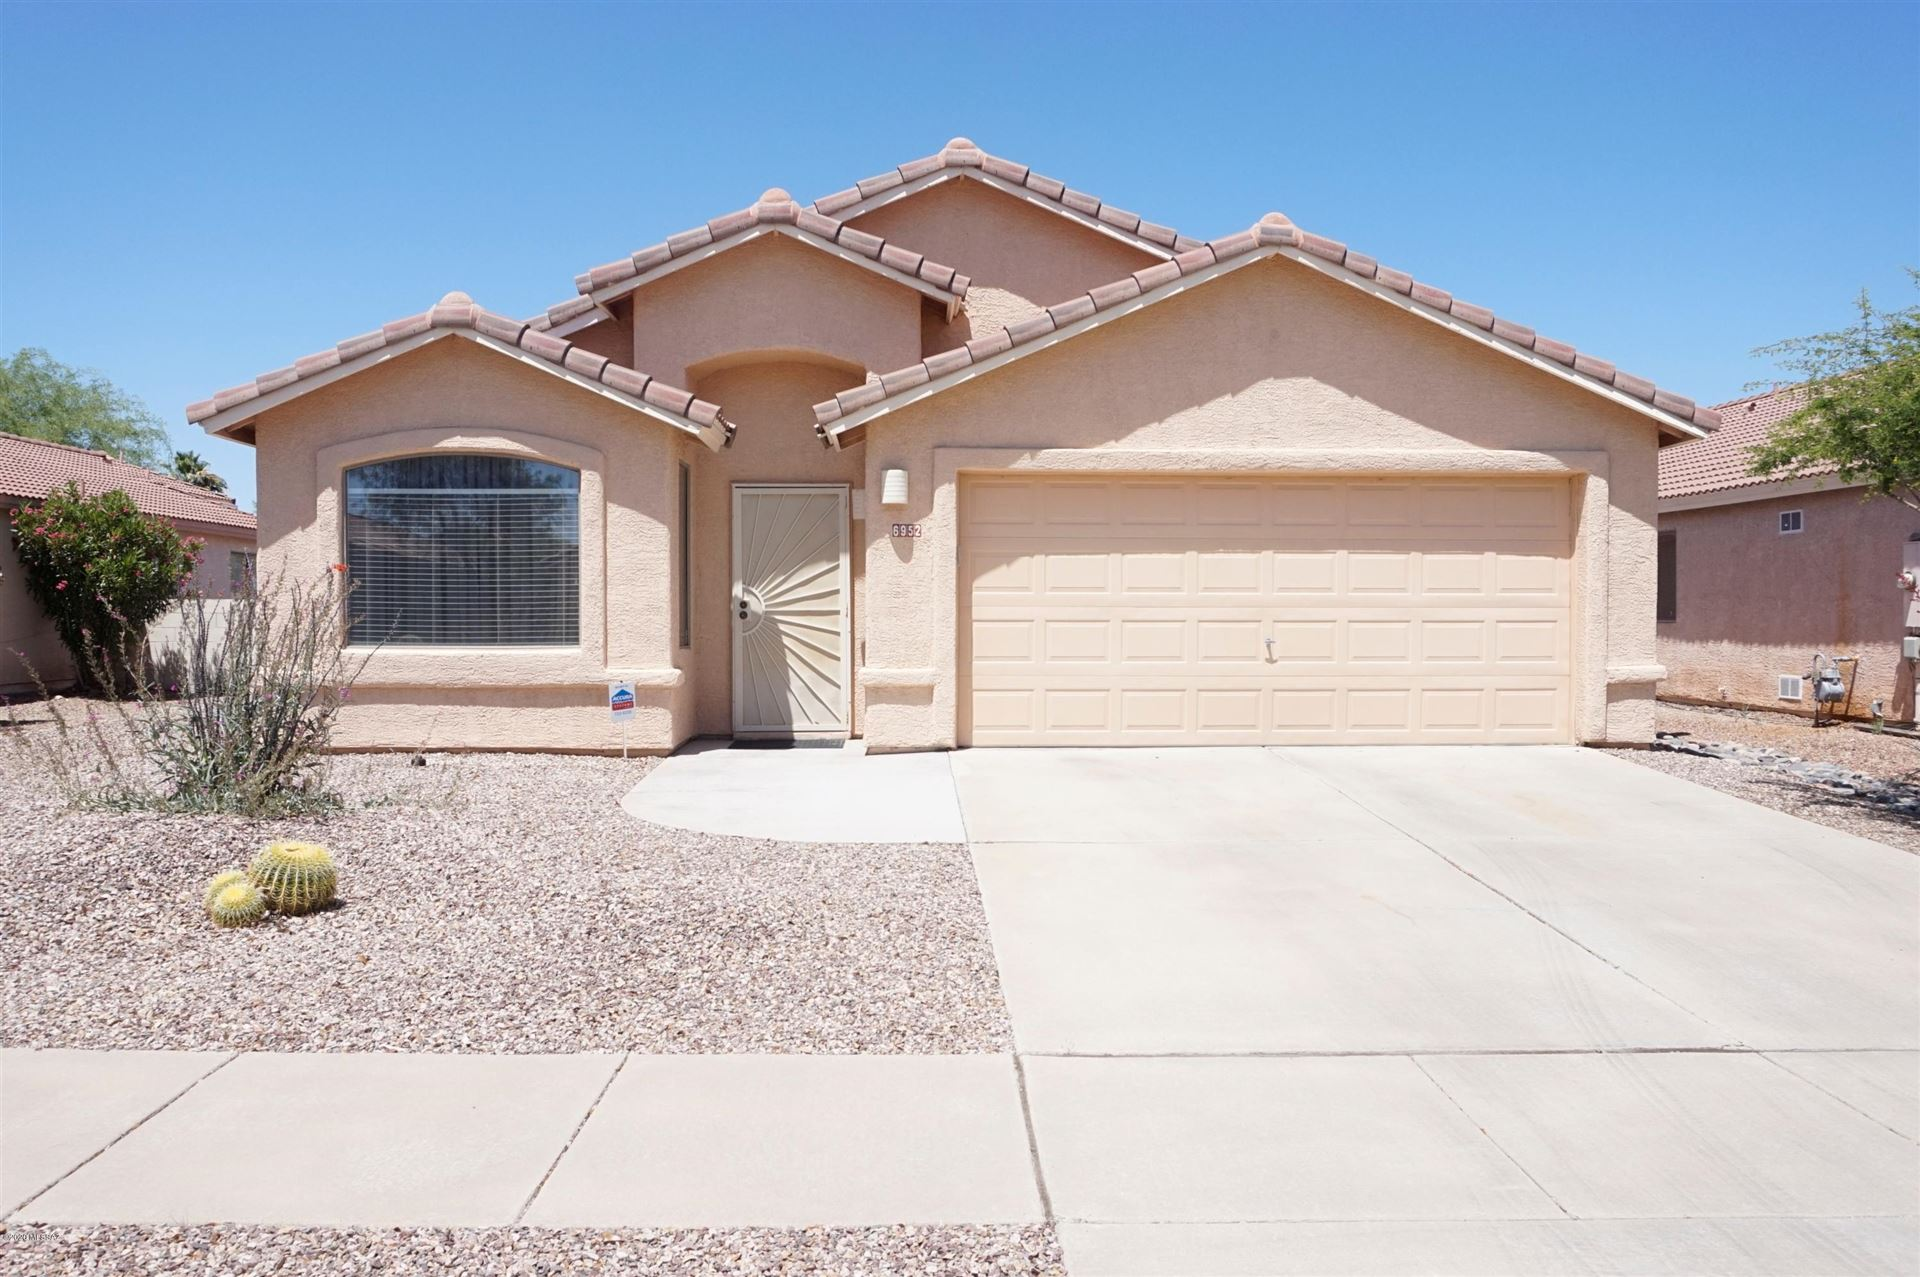 6952 W Red Rock Drive, Tucson, AZ 85743 - #: 22021369